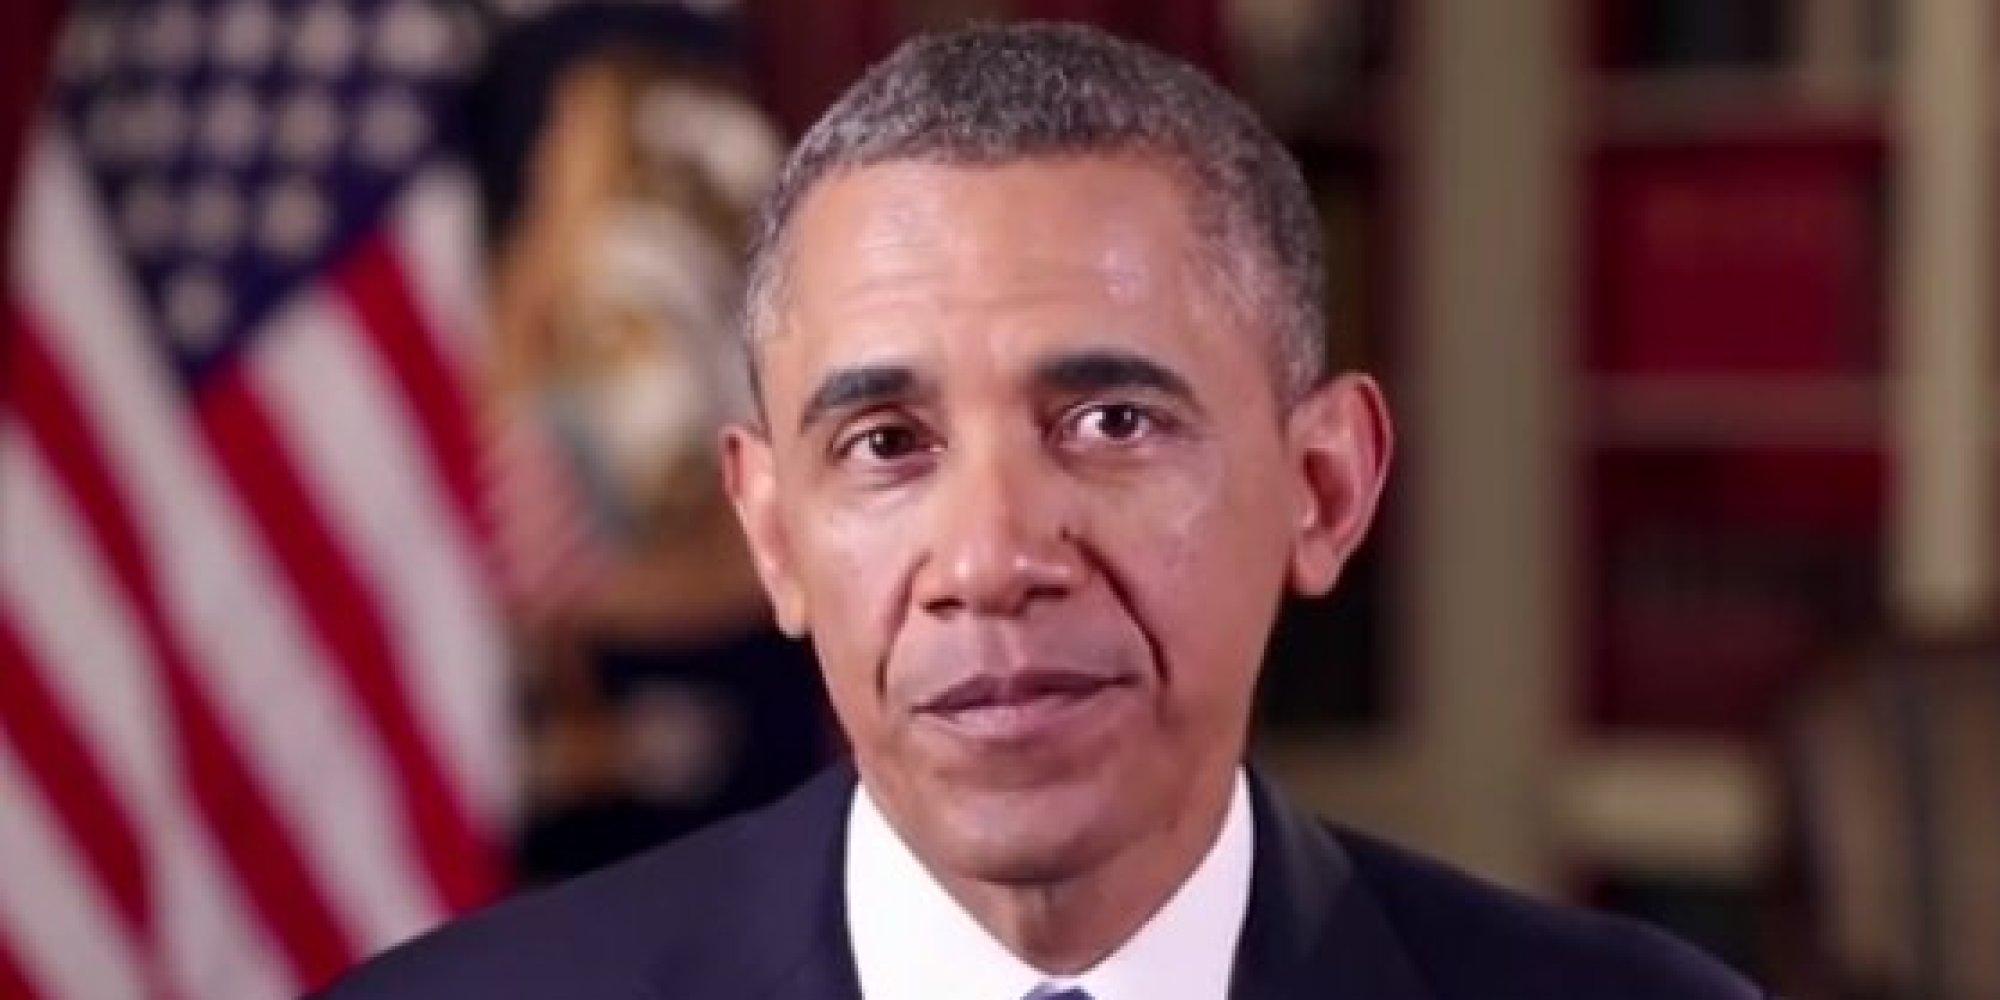 Barack Obama presidential campaign, 2008 - Wikipedia Barack obama 2008 vs 2018 pictures